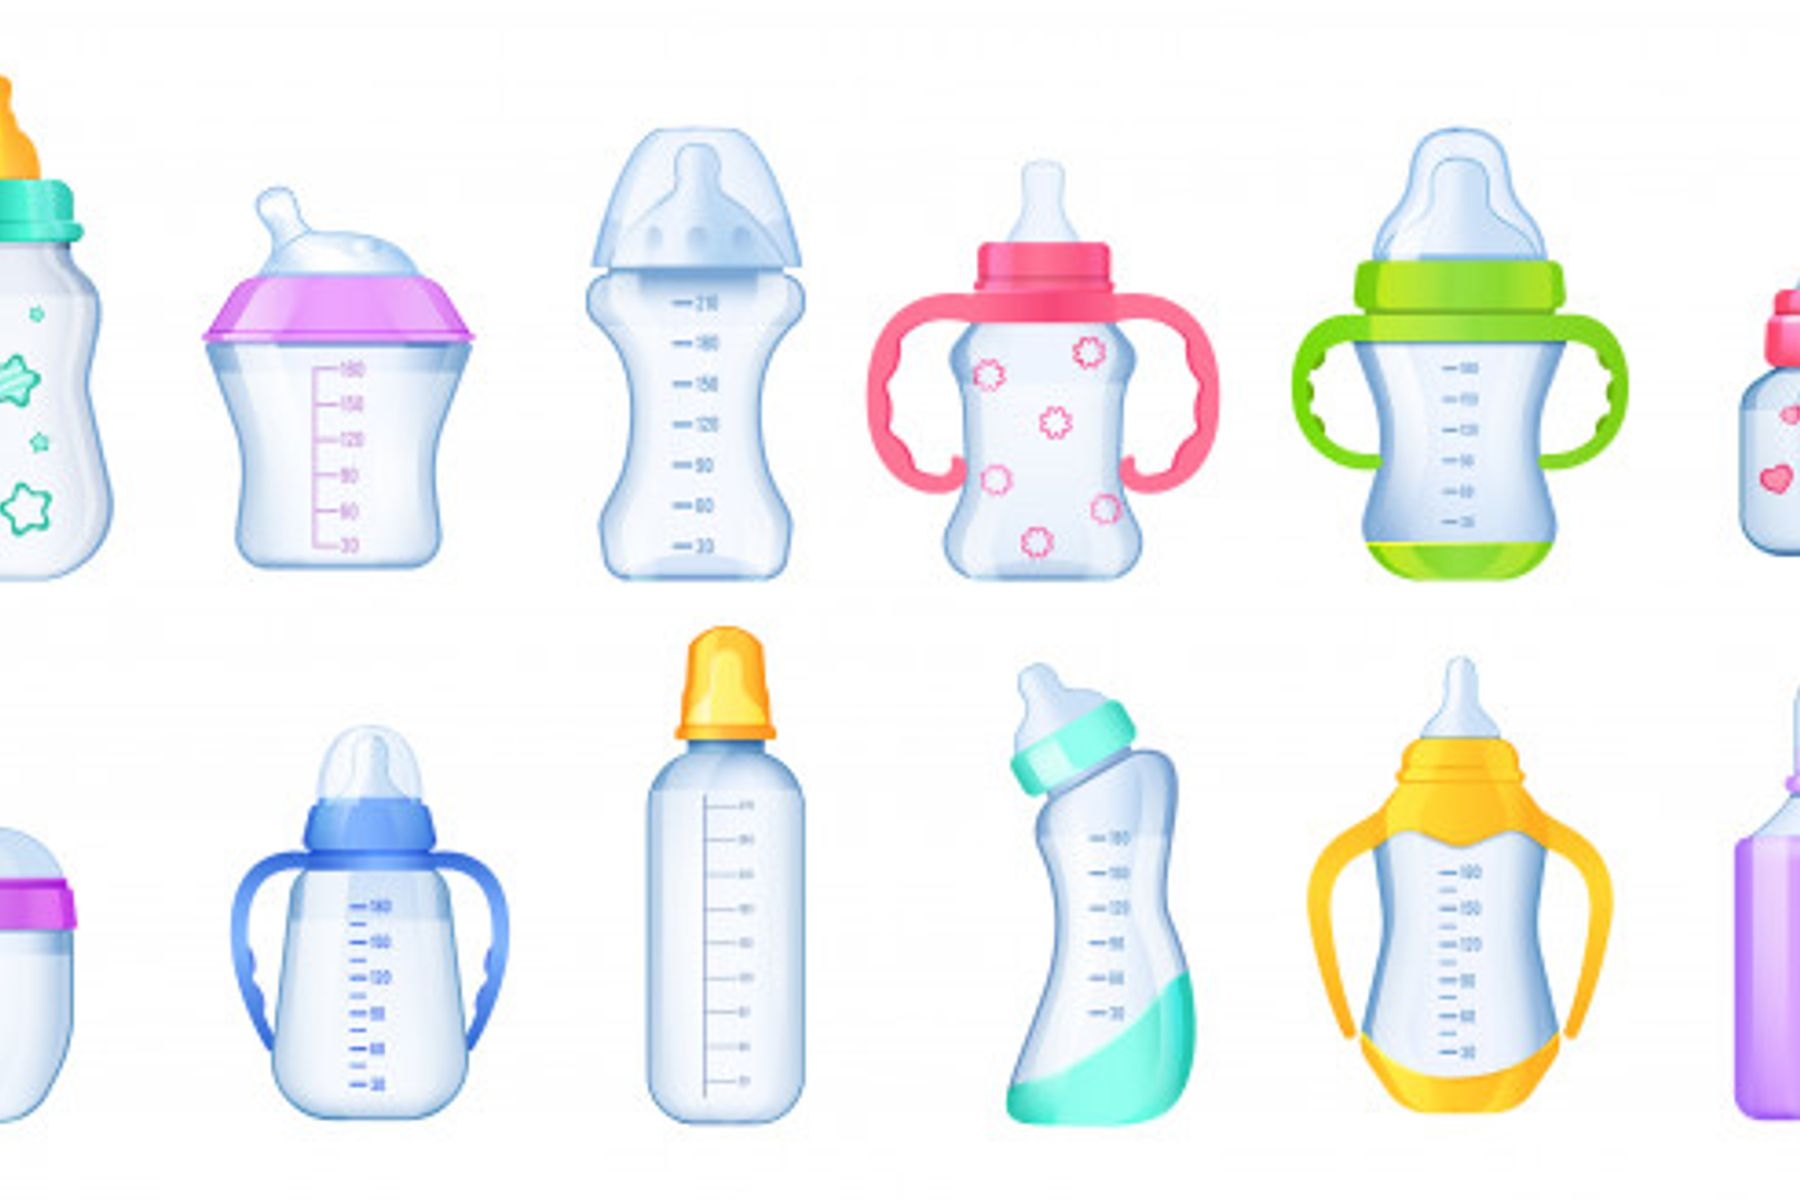 cách vệ sinh bình sữa cho trẻ sơ sinh